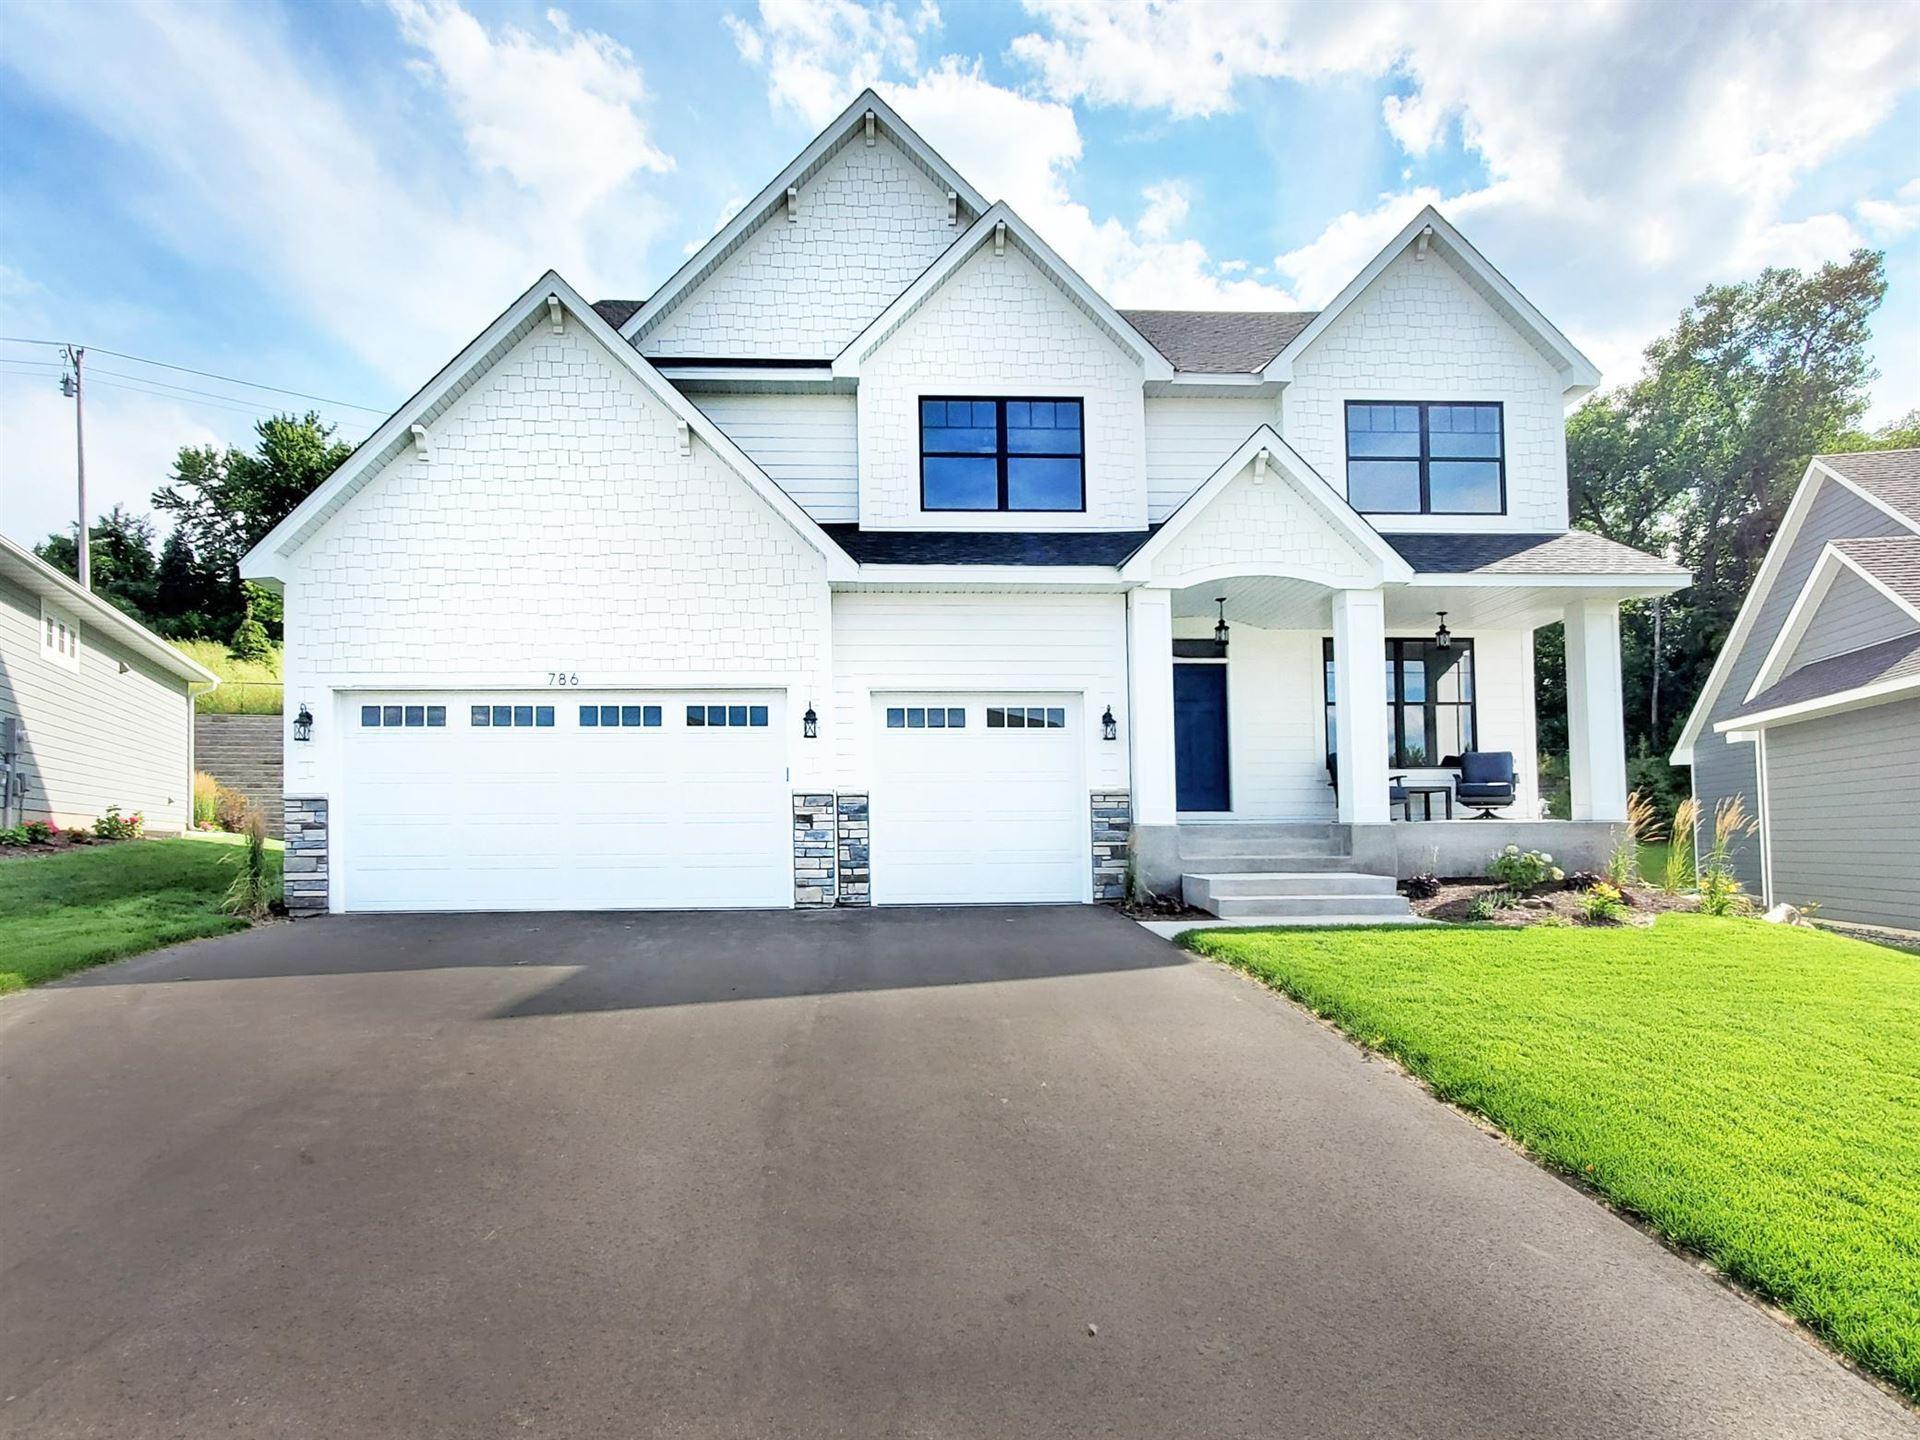 786 Summerbrooke Court, Eagan, MN 55123 - MLS#: 5633614